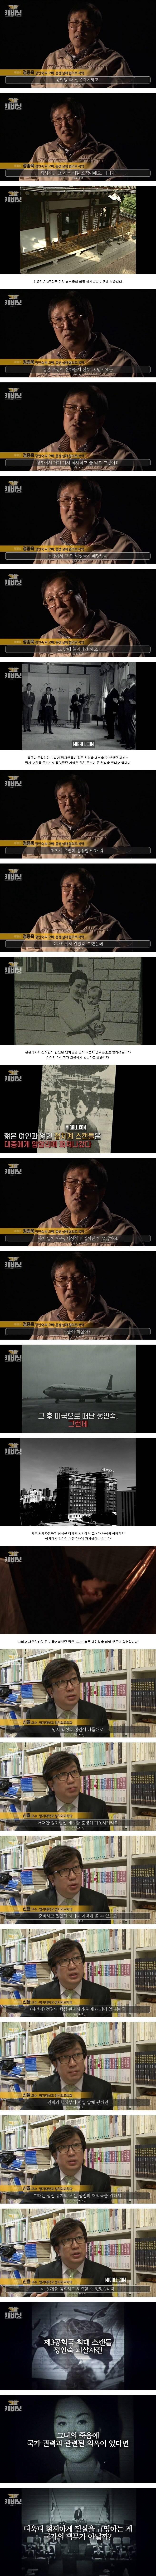 3공화국 최대 스캔들3.jpg